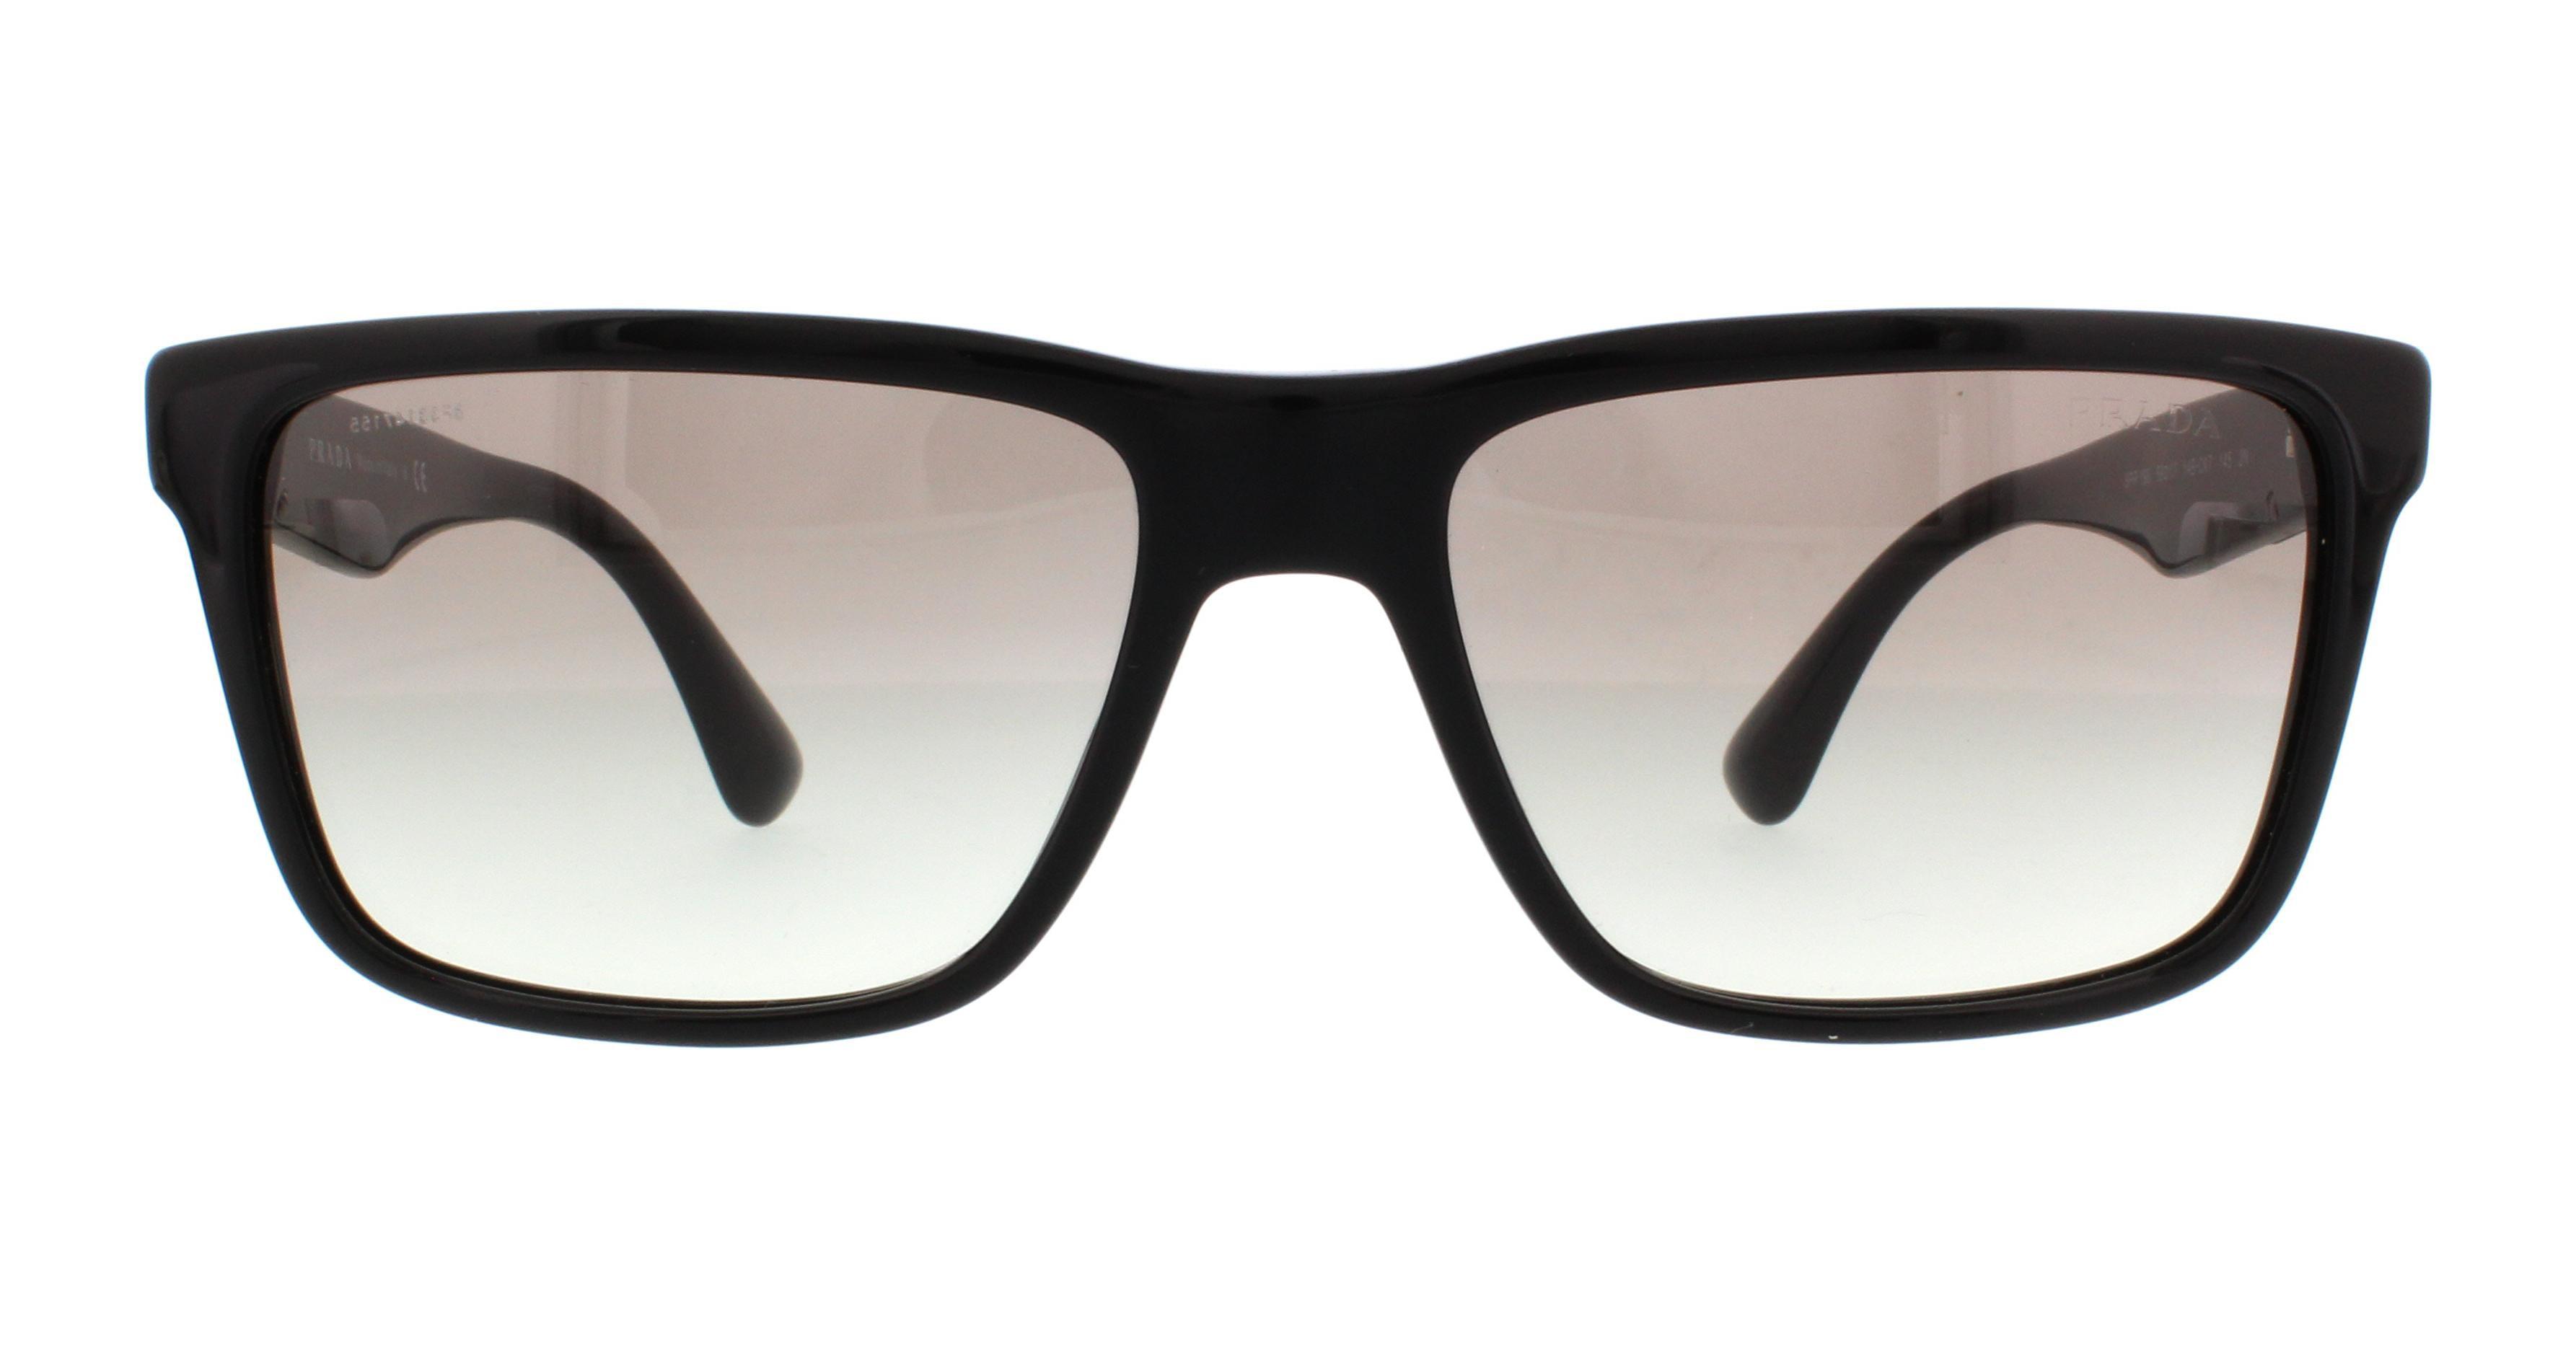 32e71a01359 PRADA - PRADA Sunglasses PR 19SS 2AU1X1 Havana 59MM - Walmart.com